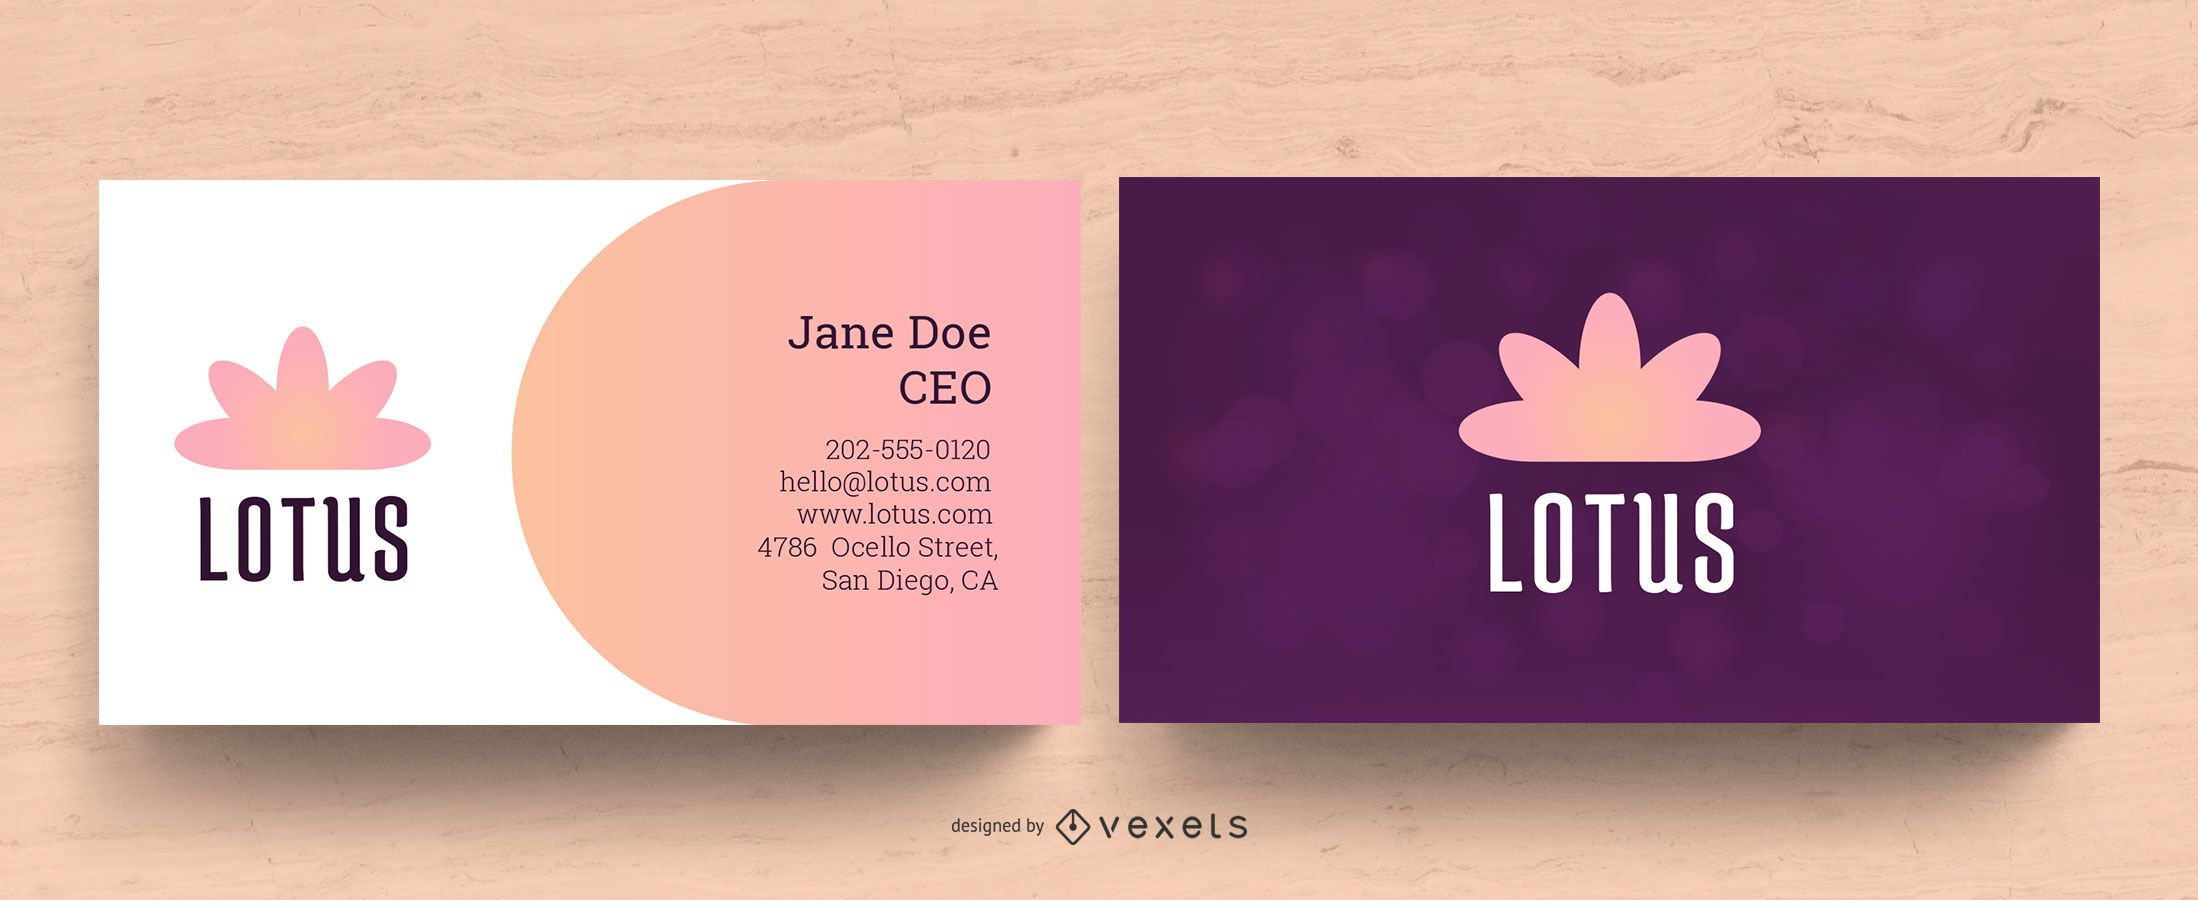 Wellness Business Card Design